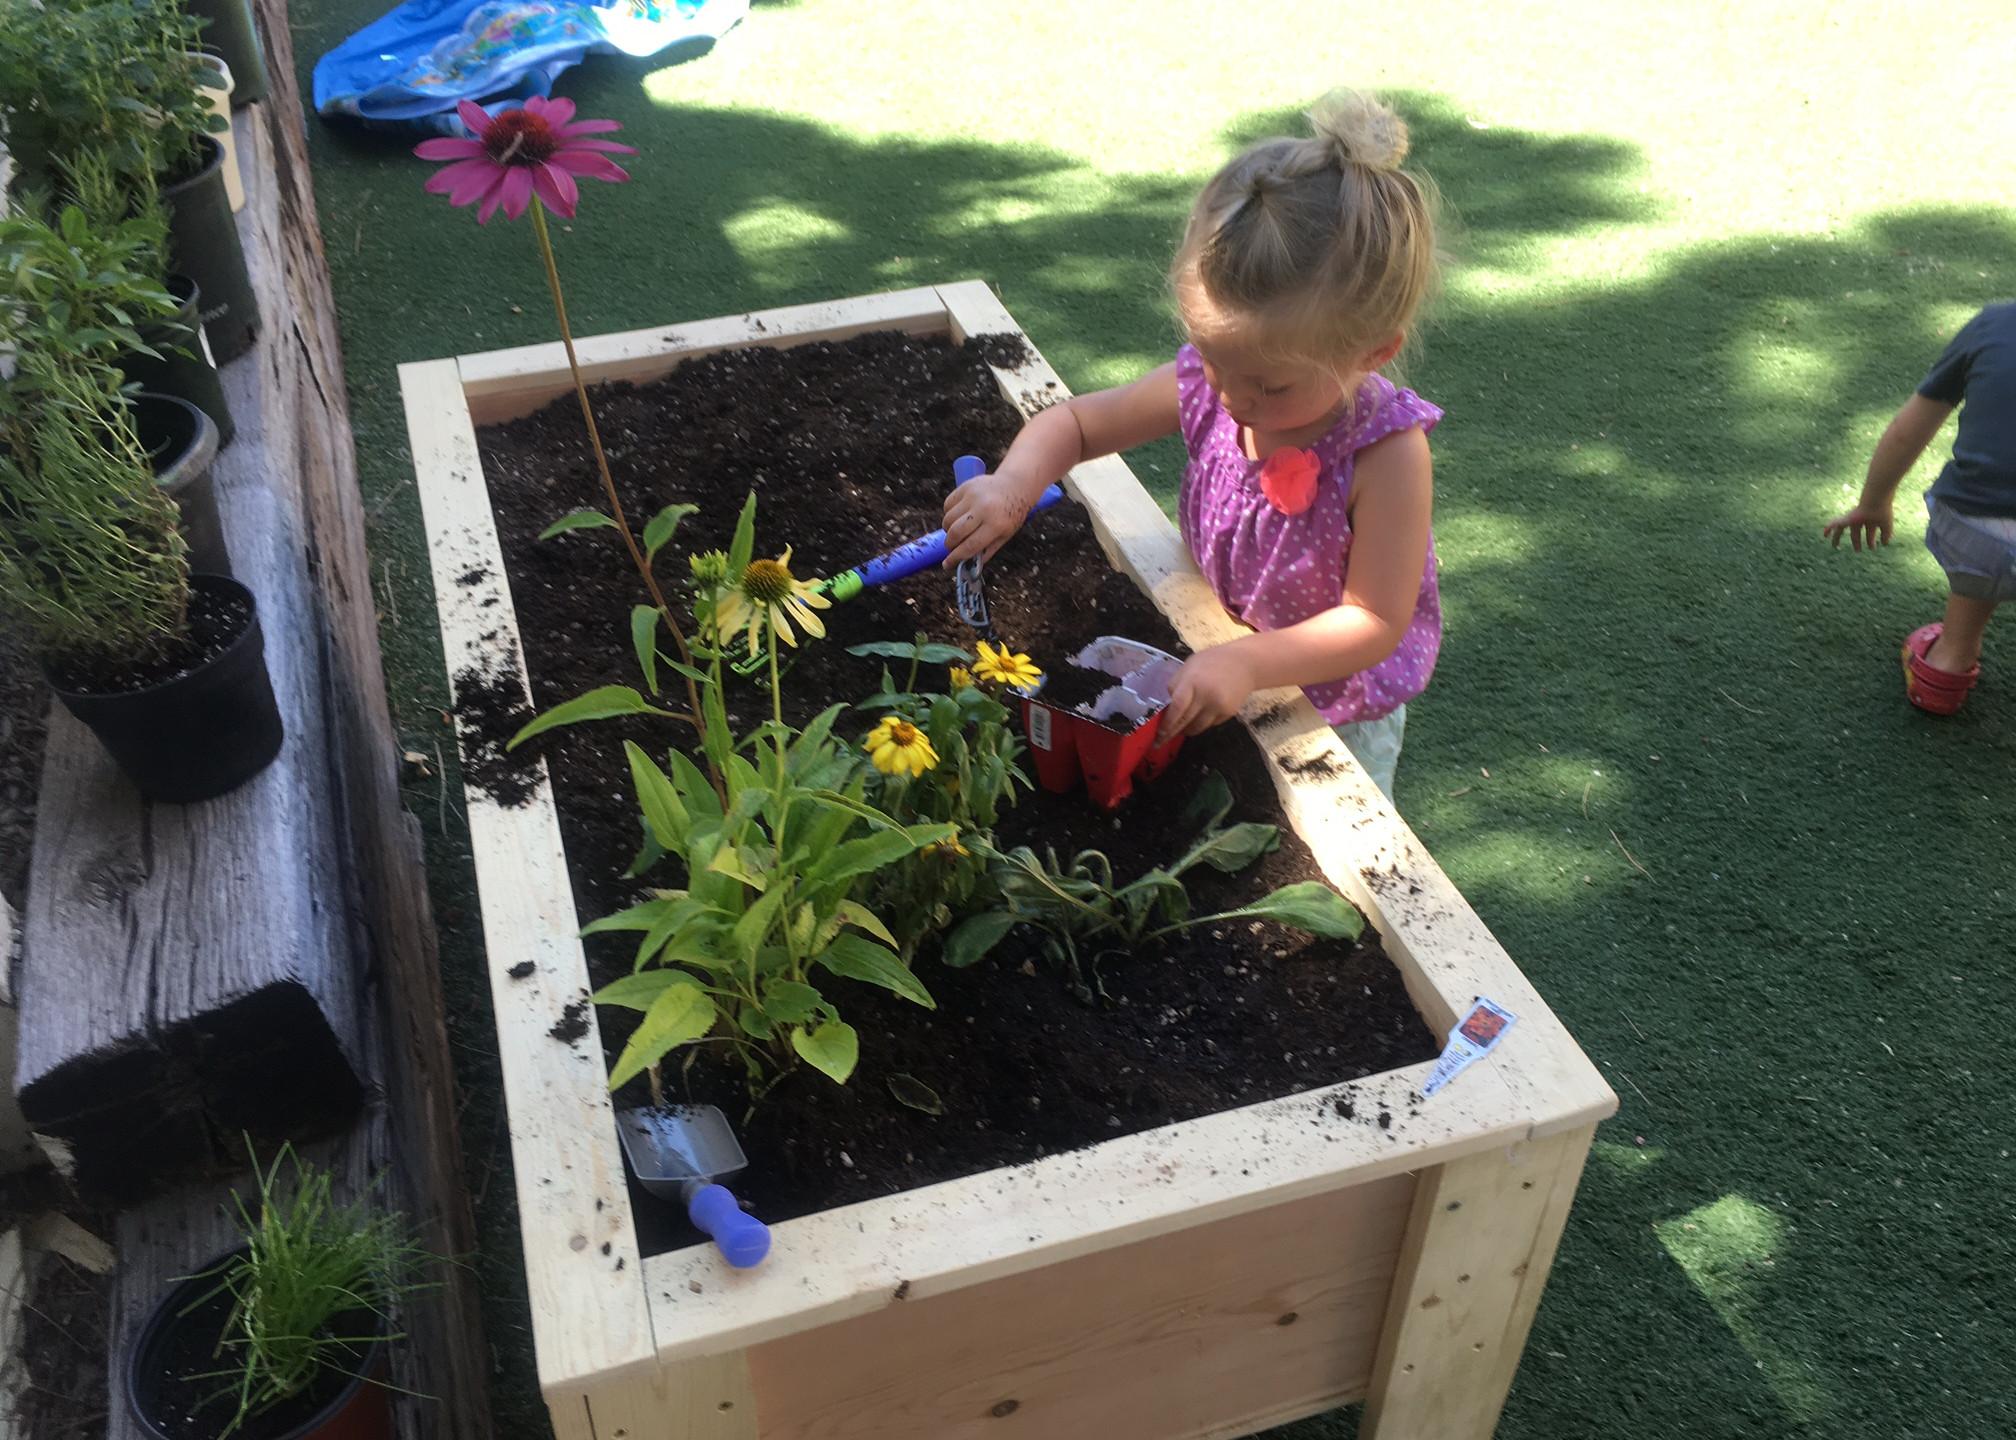 Preschool Summer Camp Centennial, CO